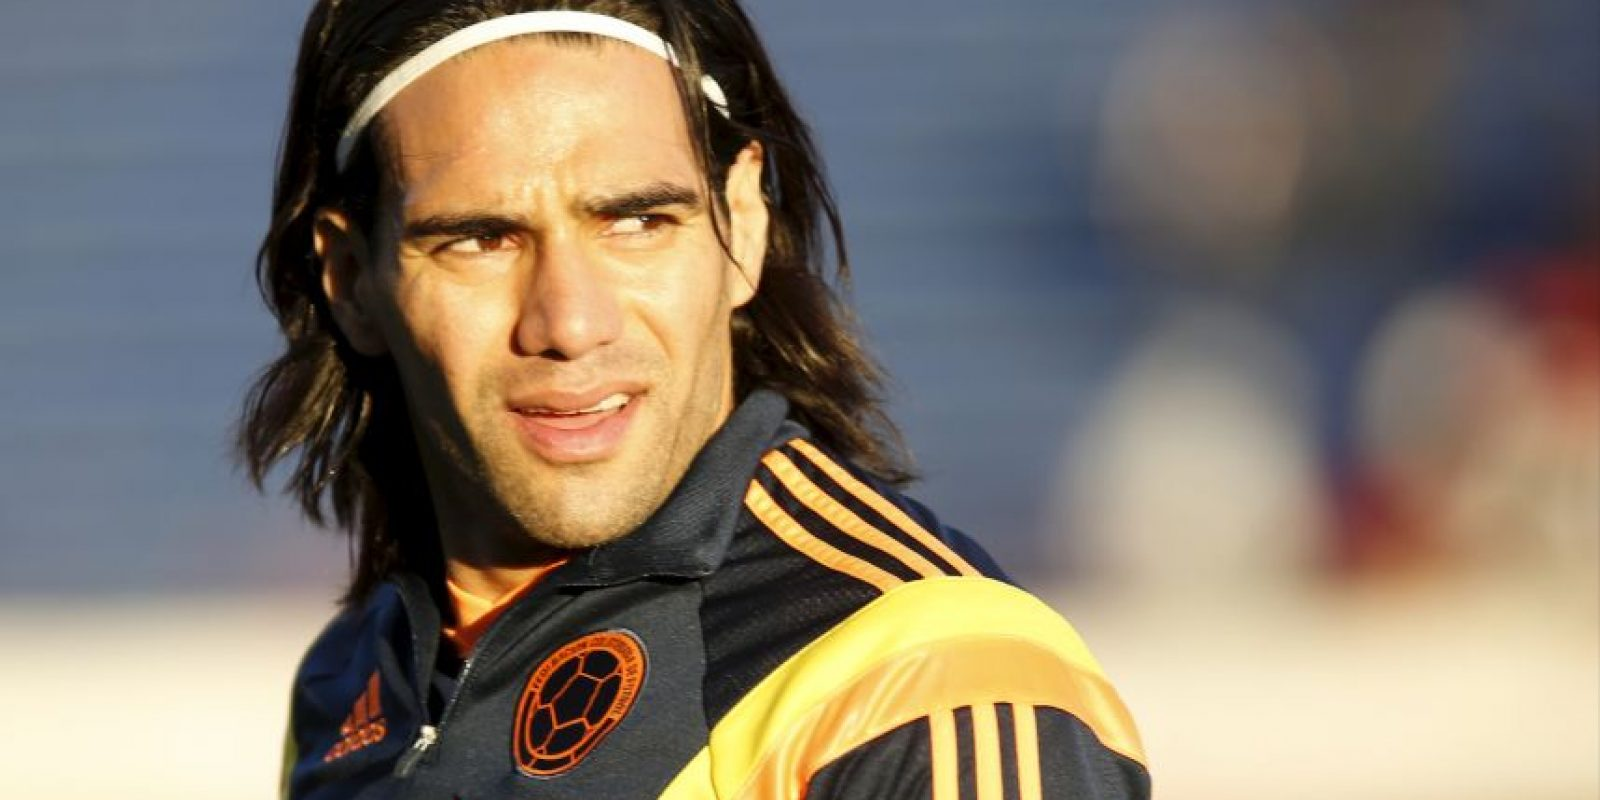 """El """"Tigre"""" de Colombia se cotiza en 35 millones de euros Foto:Getty Images"""